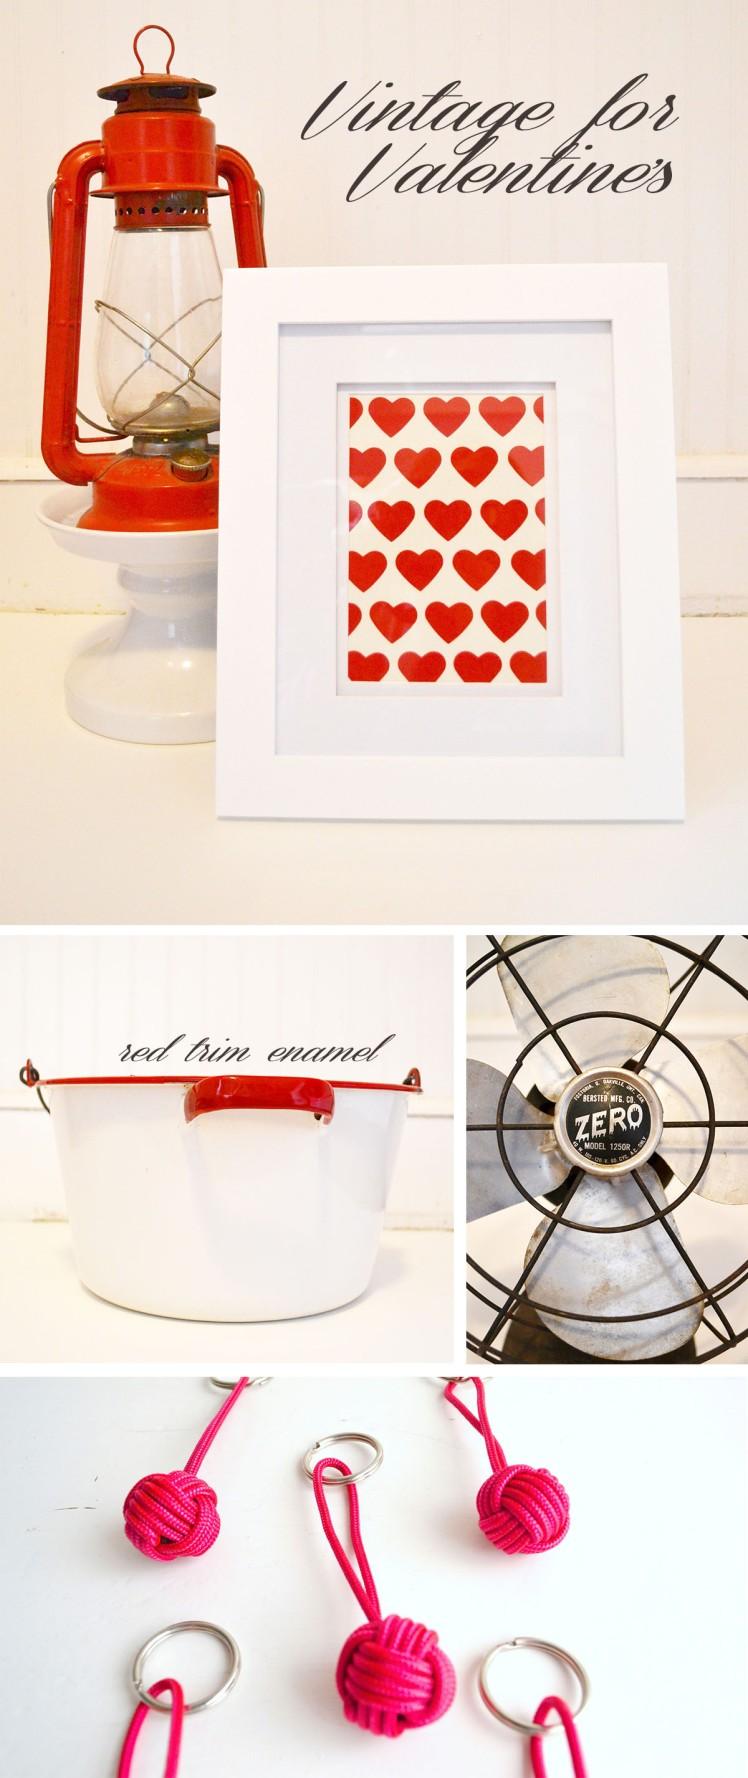 Valentine's vintage inventory